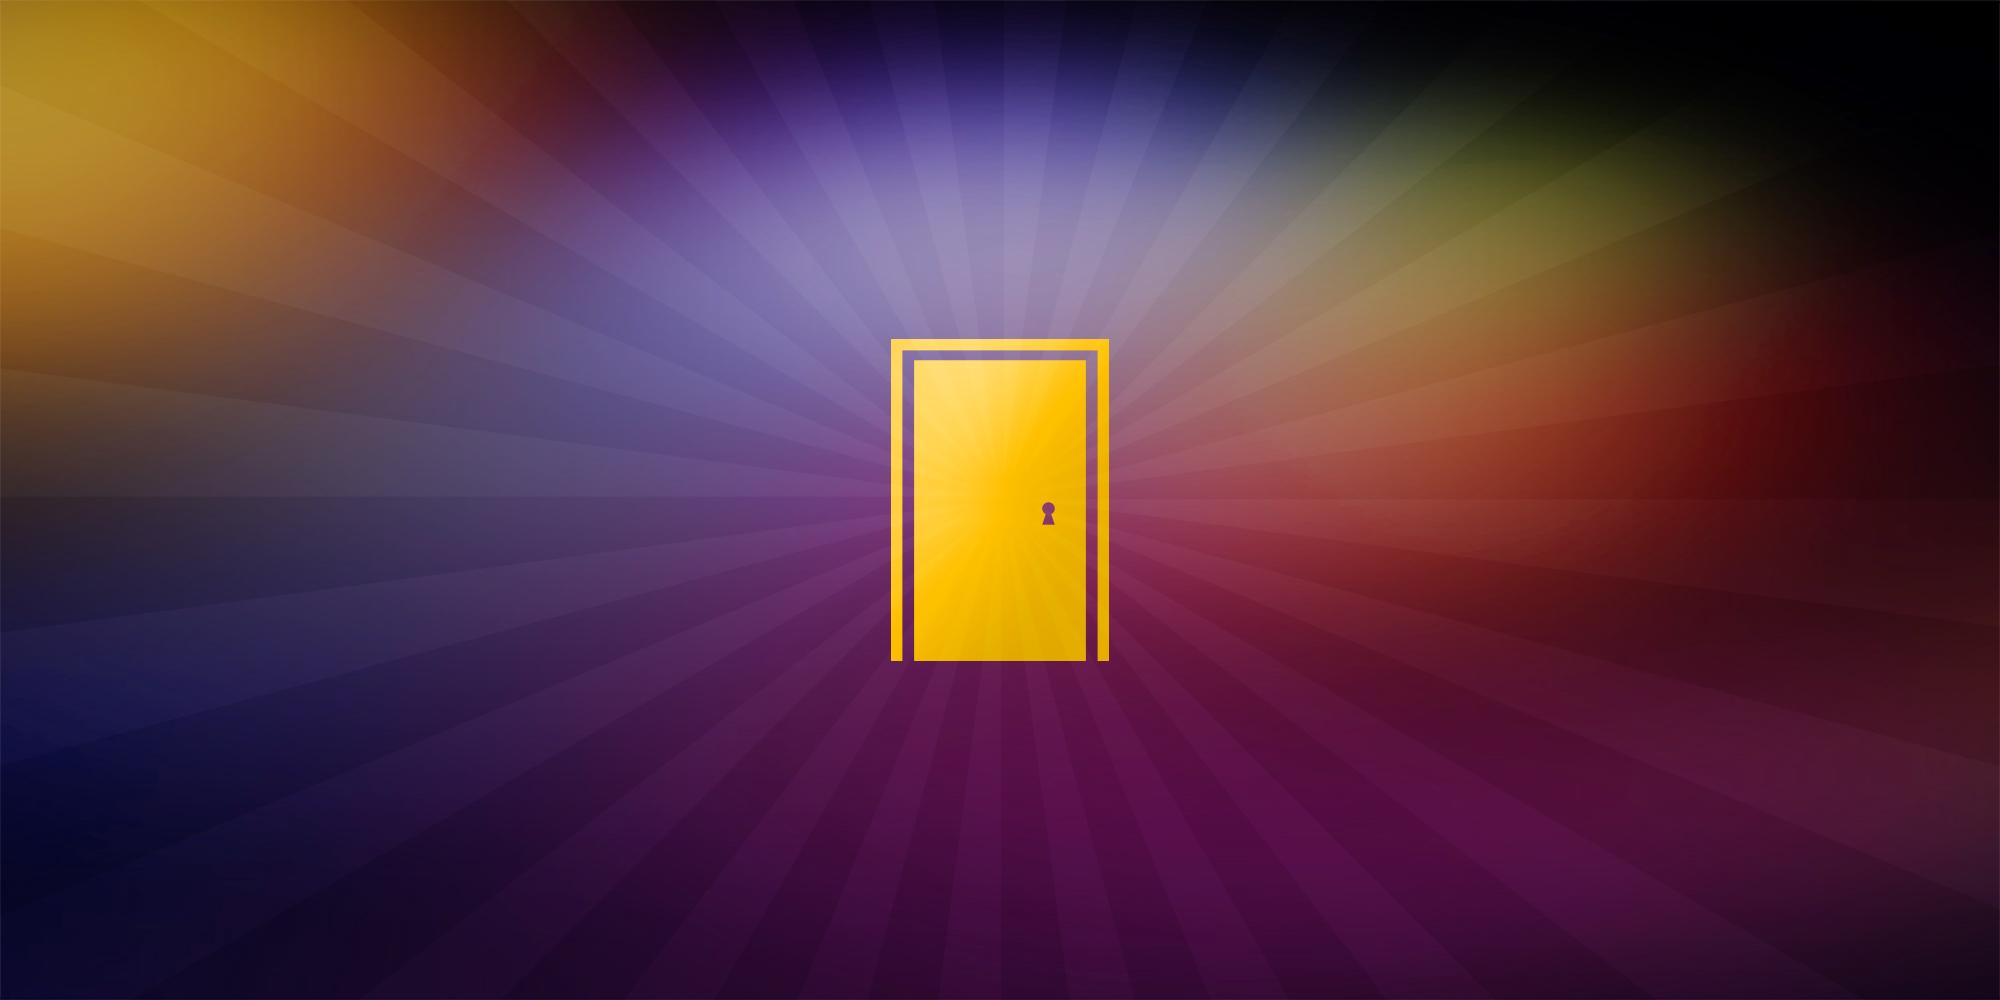 Эскейп рум: что тебя ждет в запертой комнате?